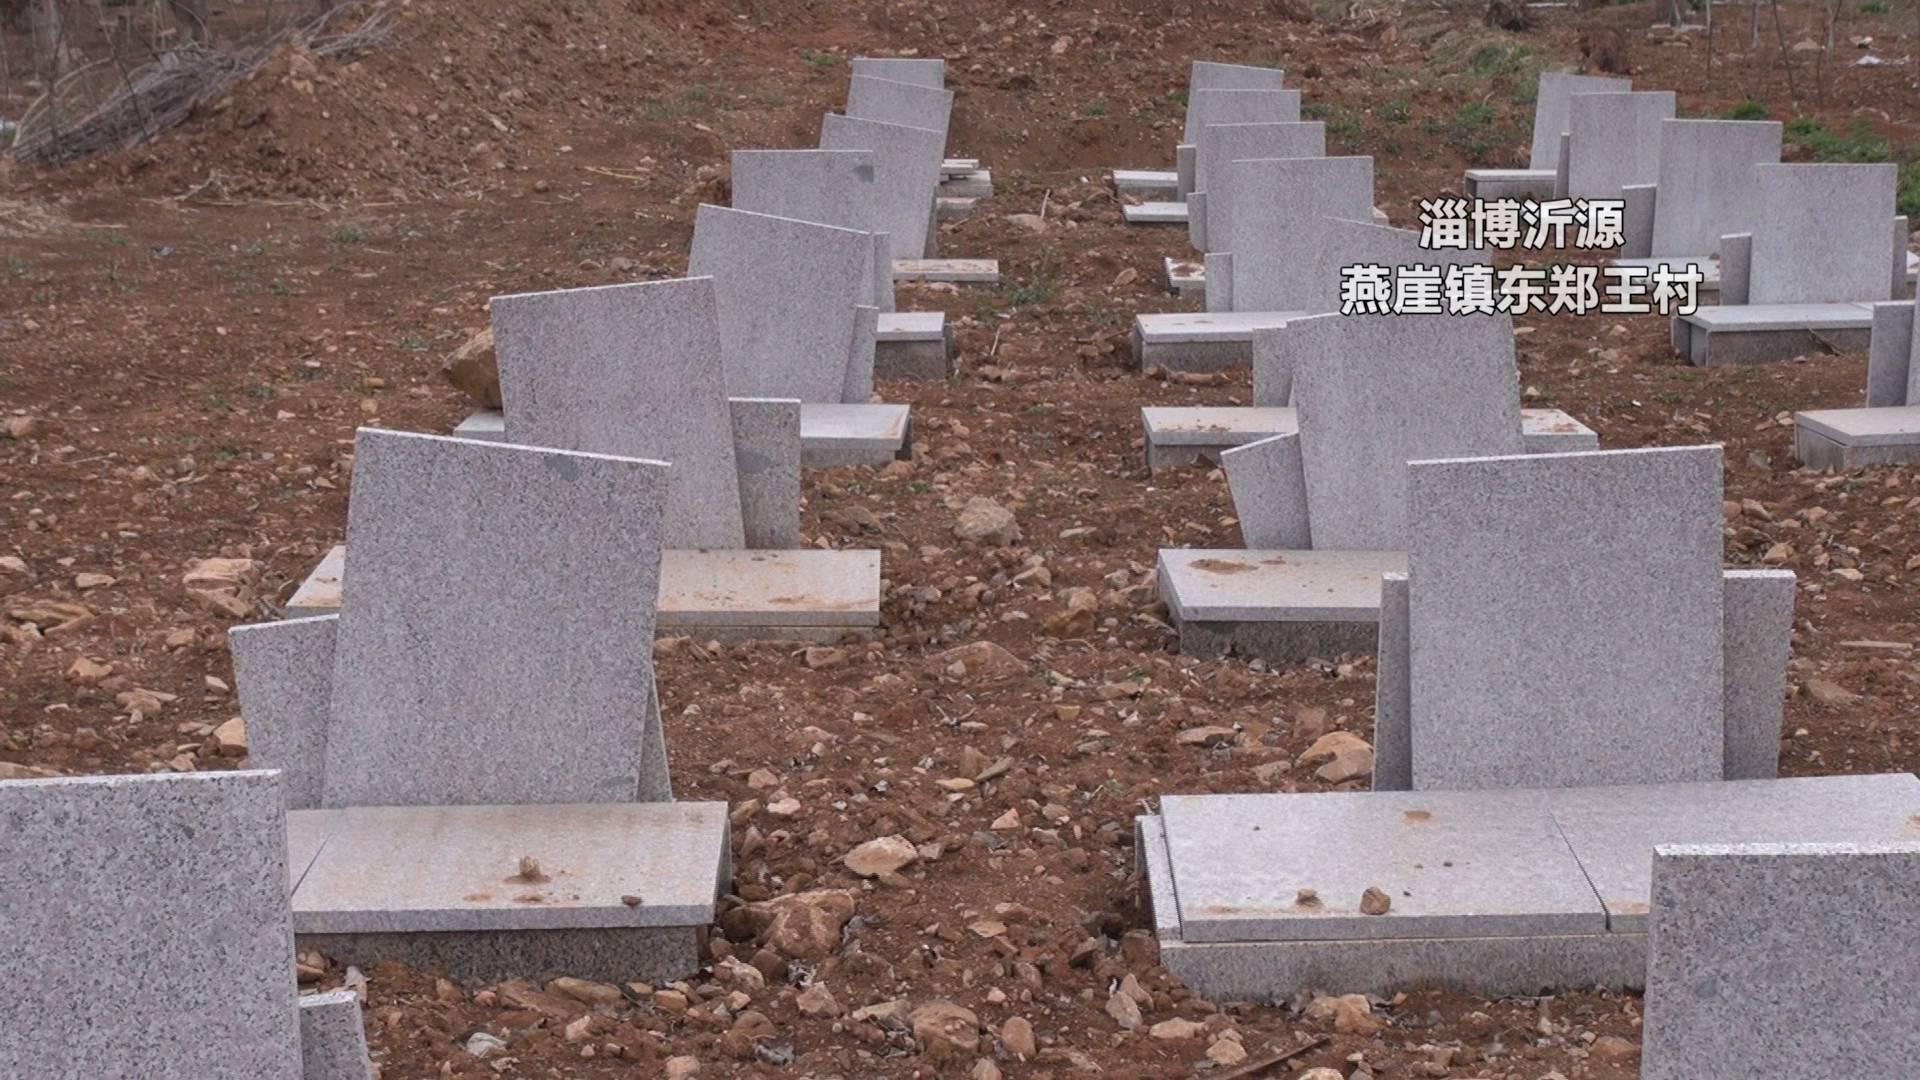 问政山东丨有的公墓闲置无人用,有的卖五万一个 厅长直指症结:规划不合理!